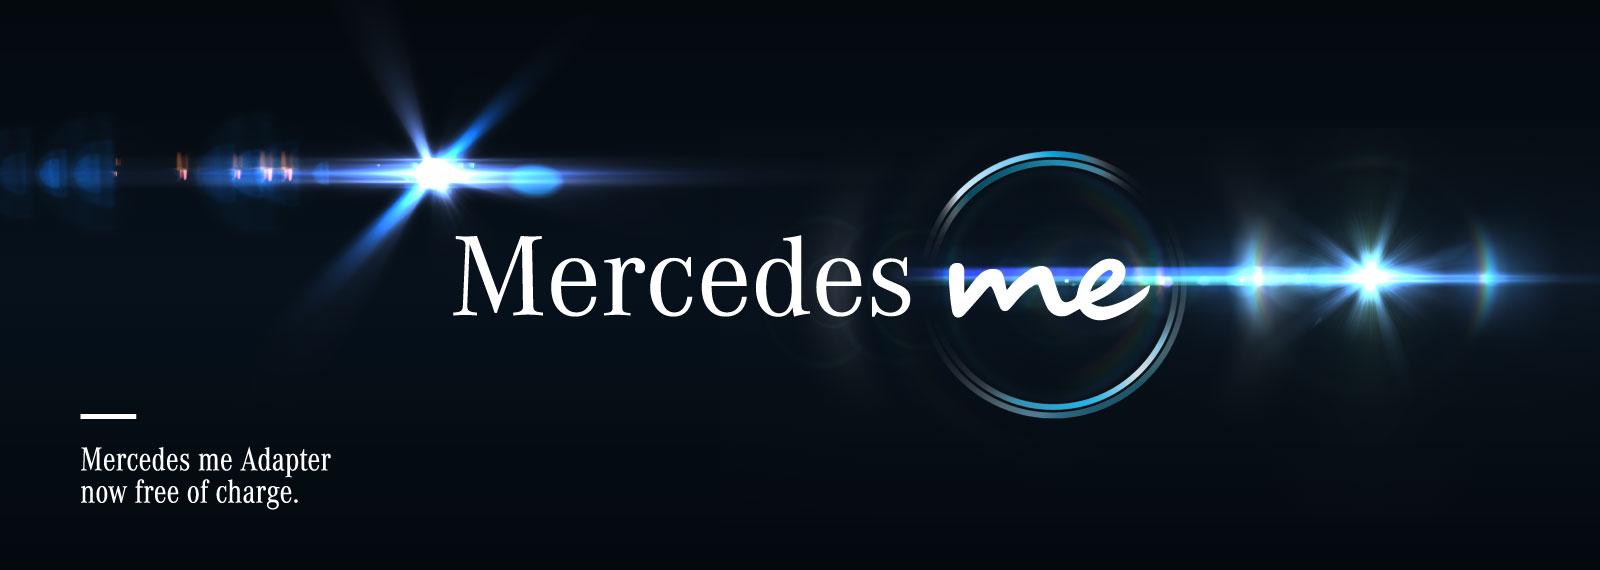 mercedes me adapter vertu mercedes benz. Black Bedroom Furniture Sets. Home Design Ideas